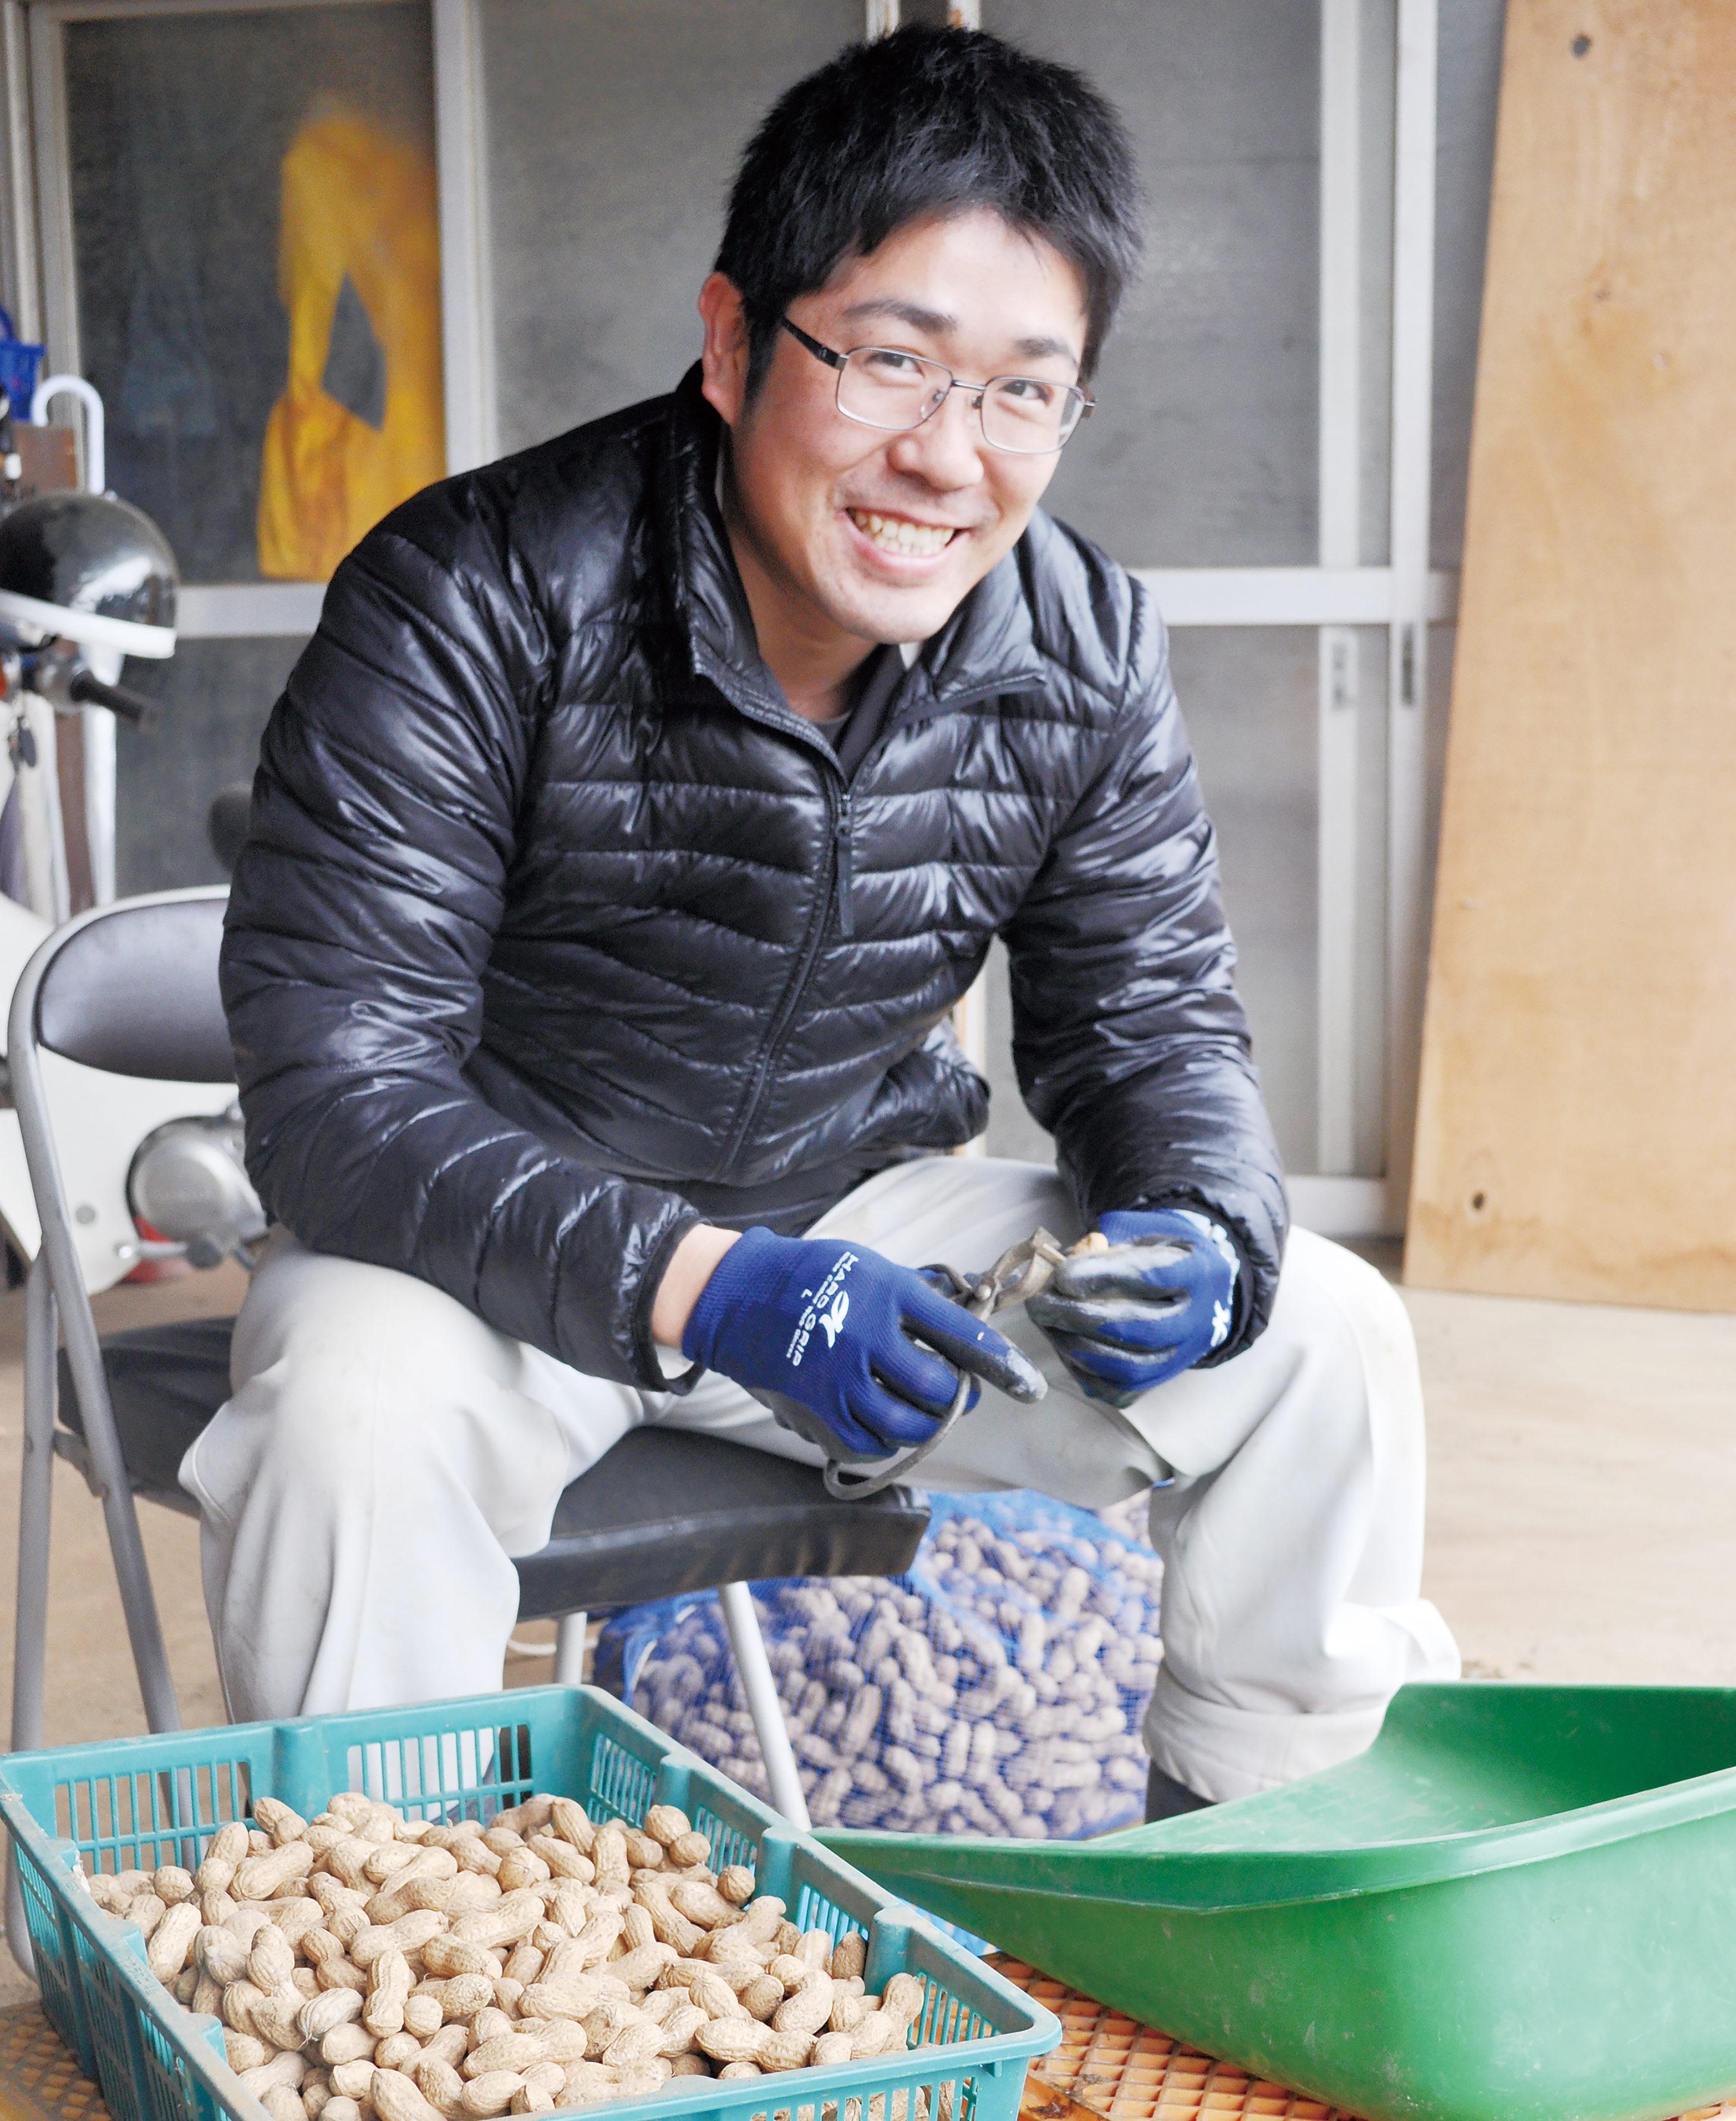 神奈川県シェア1位の秦野品質、未来に繋ぎたい【落花生・秦野特産品】